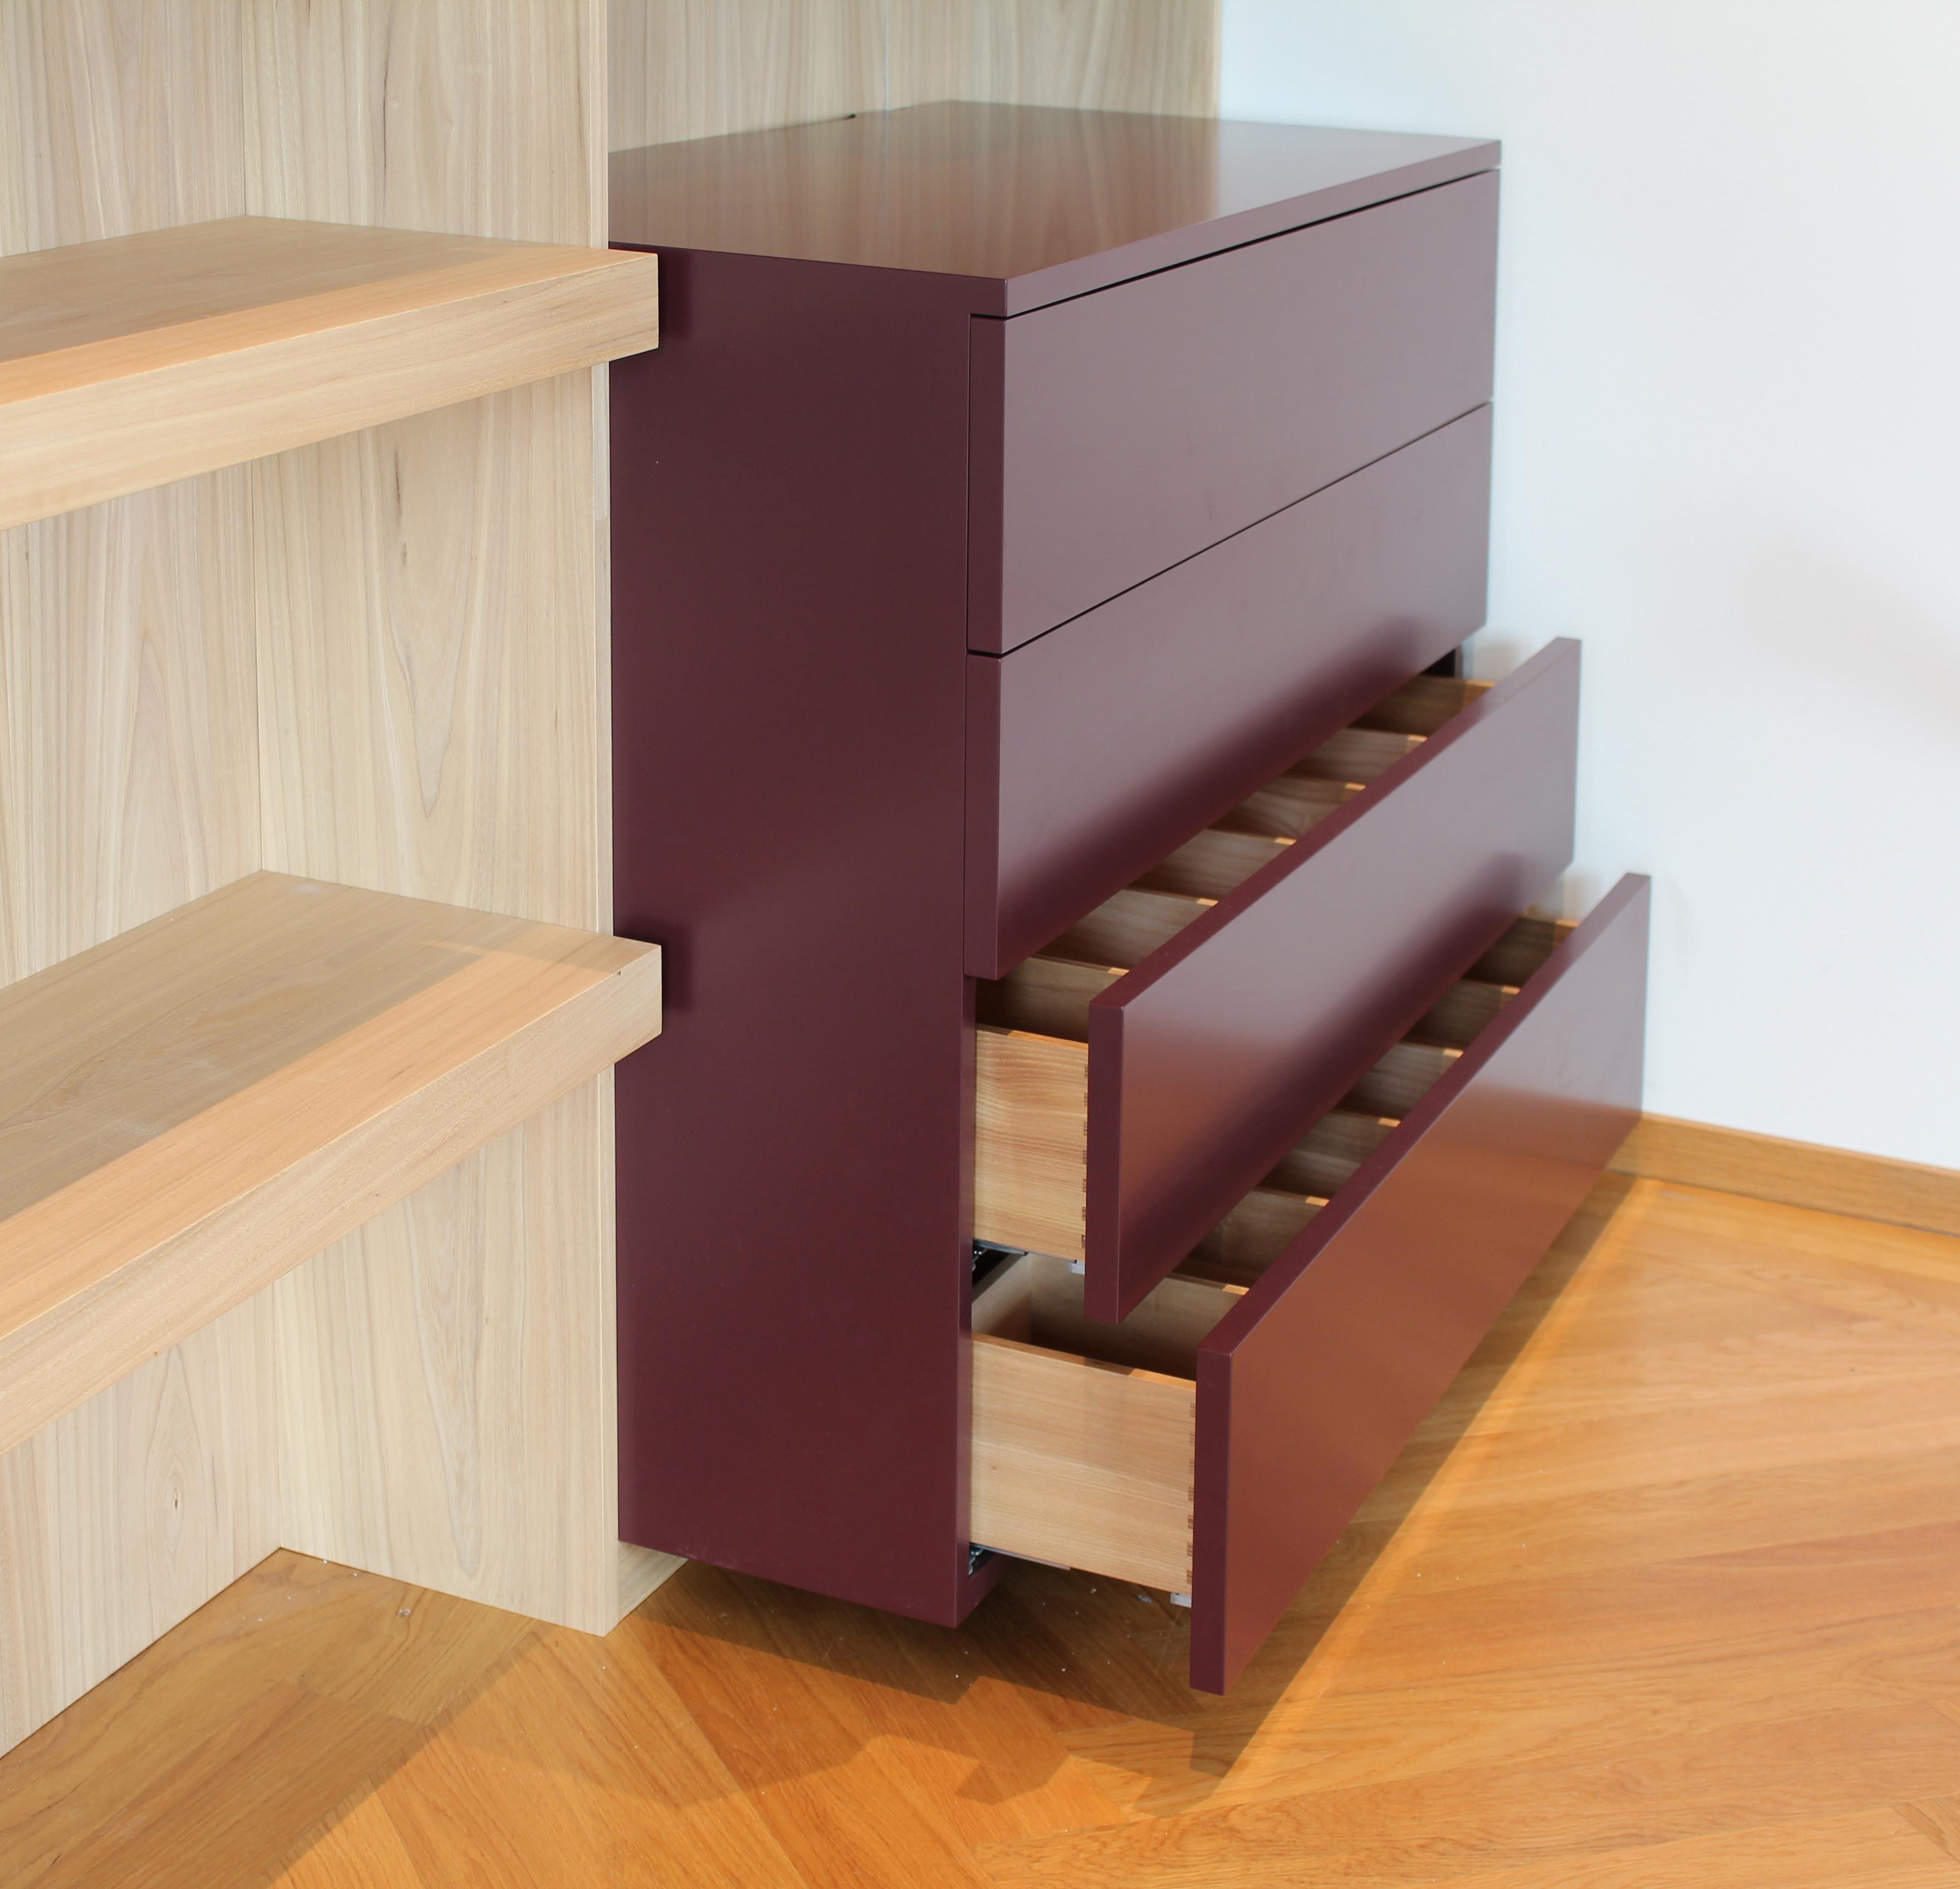 Schrankwand bilder ideen couchstyle for Schrank wand